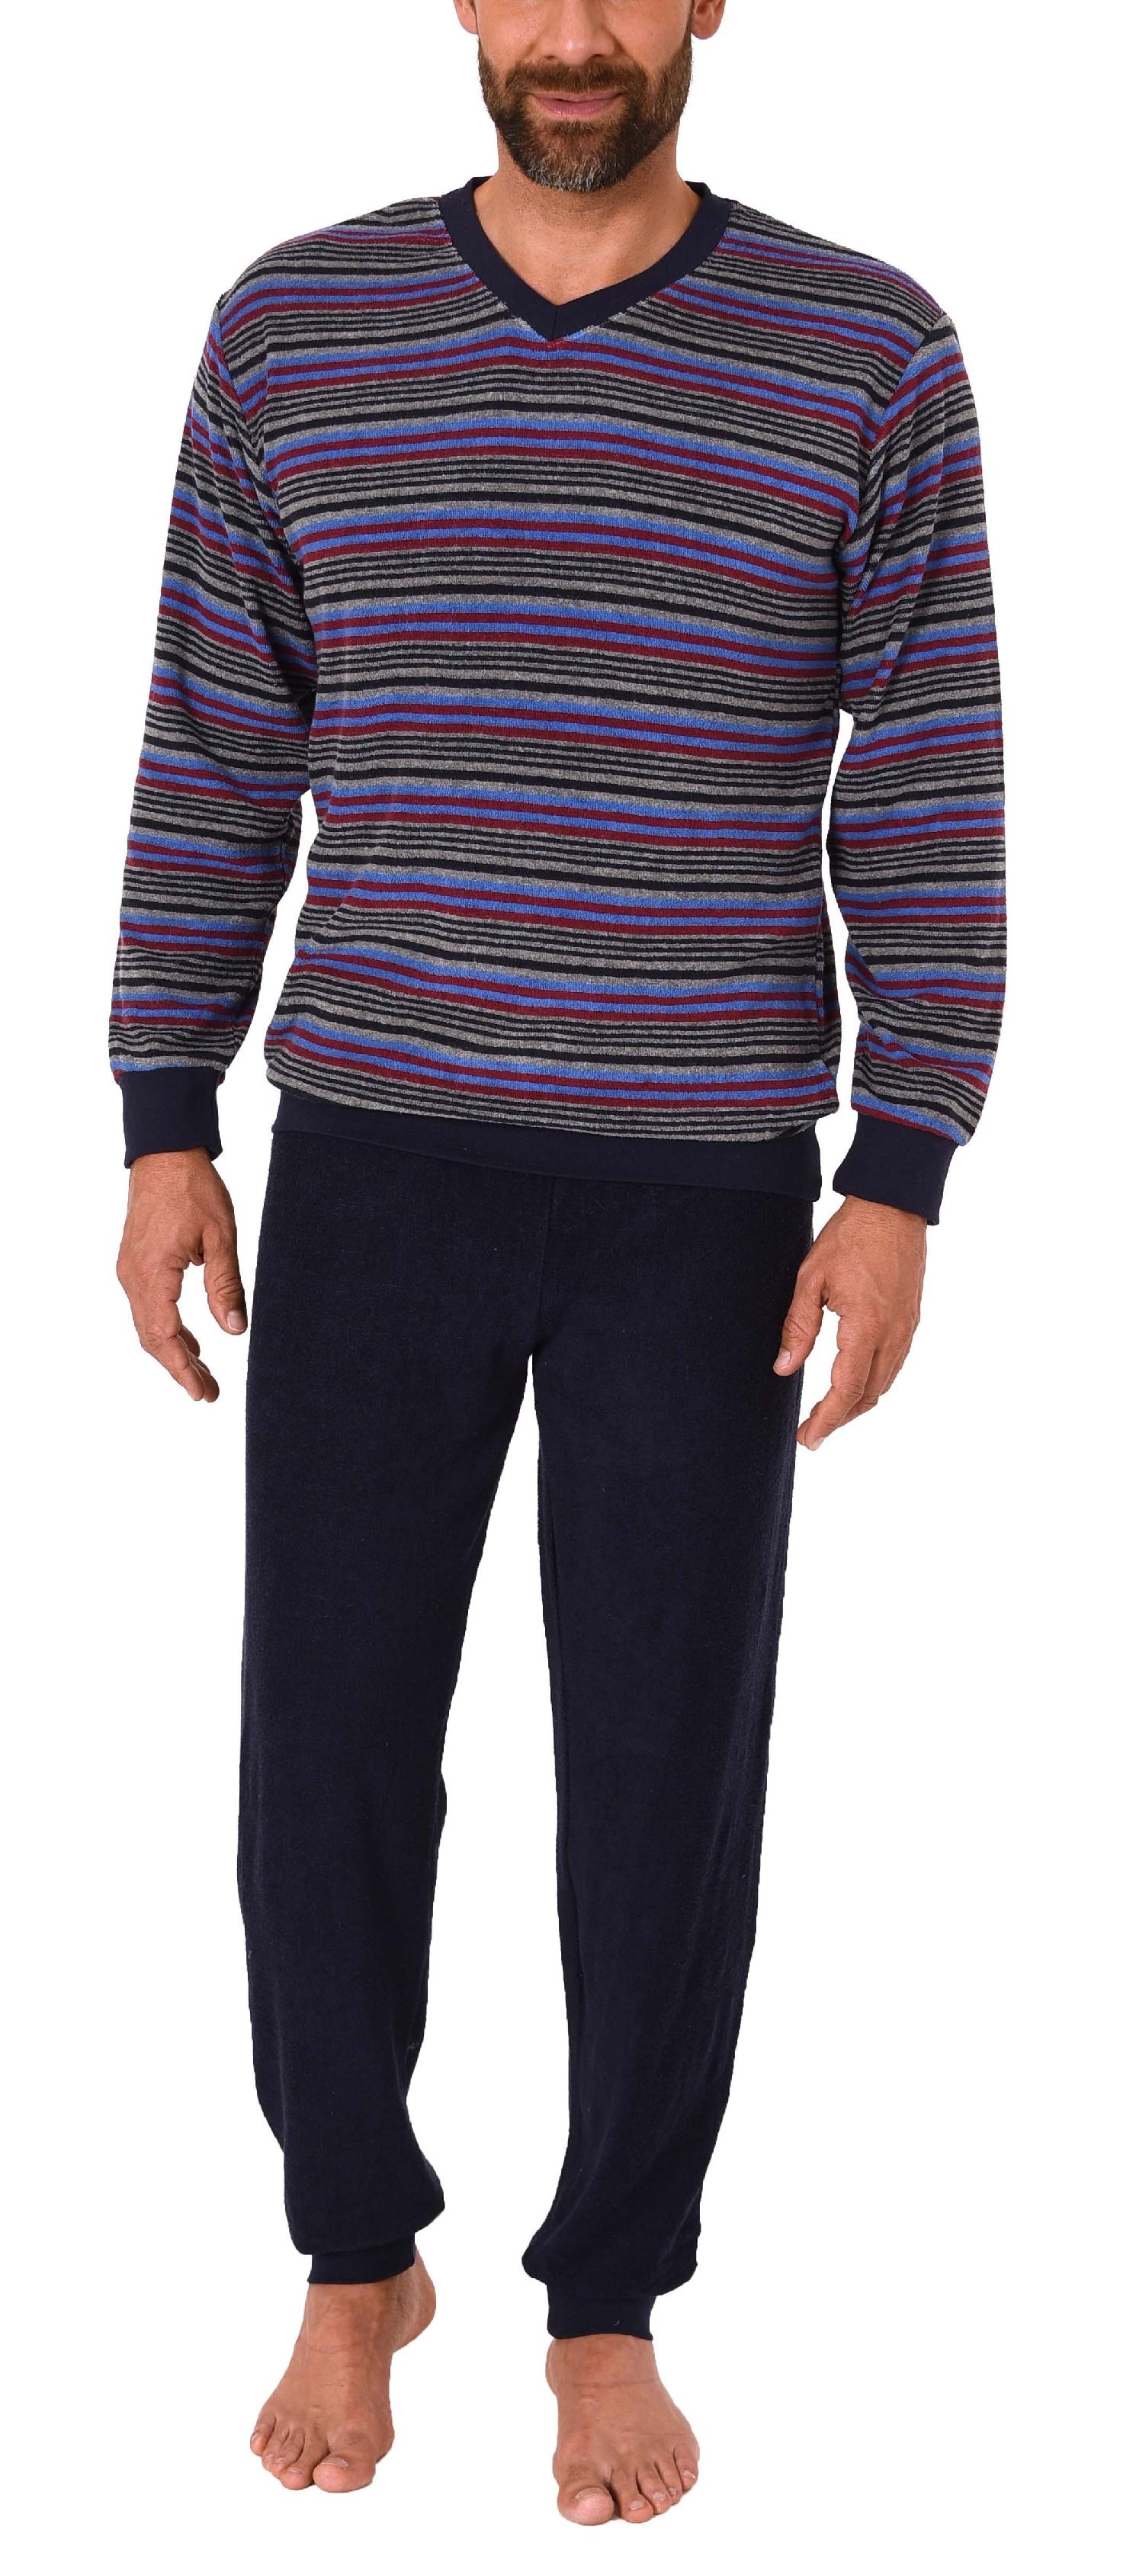 Edler Herren Frottee Schlafanzug Pyjama mit B/ündchen in Streifenoptik 291 101 13 580